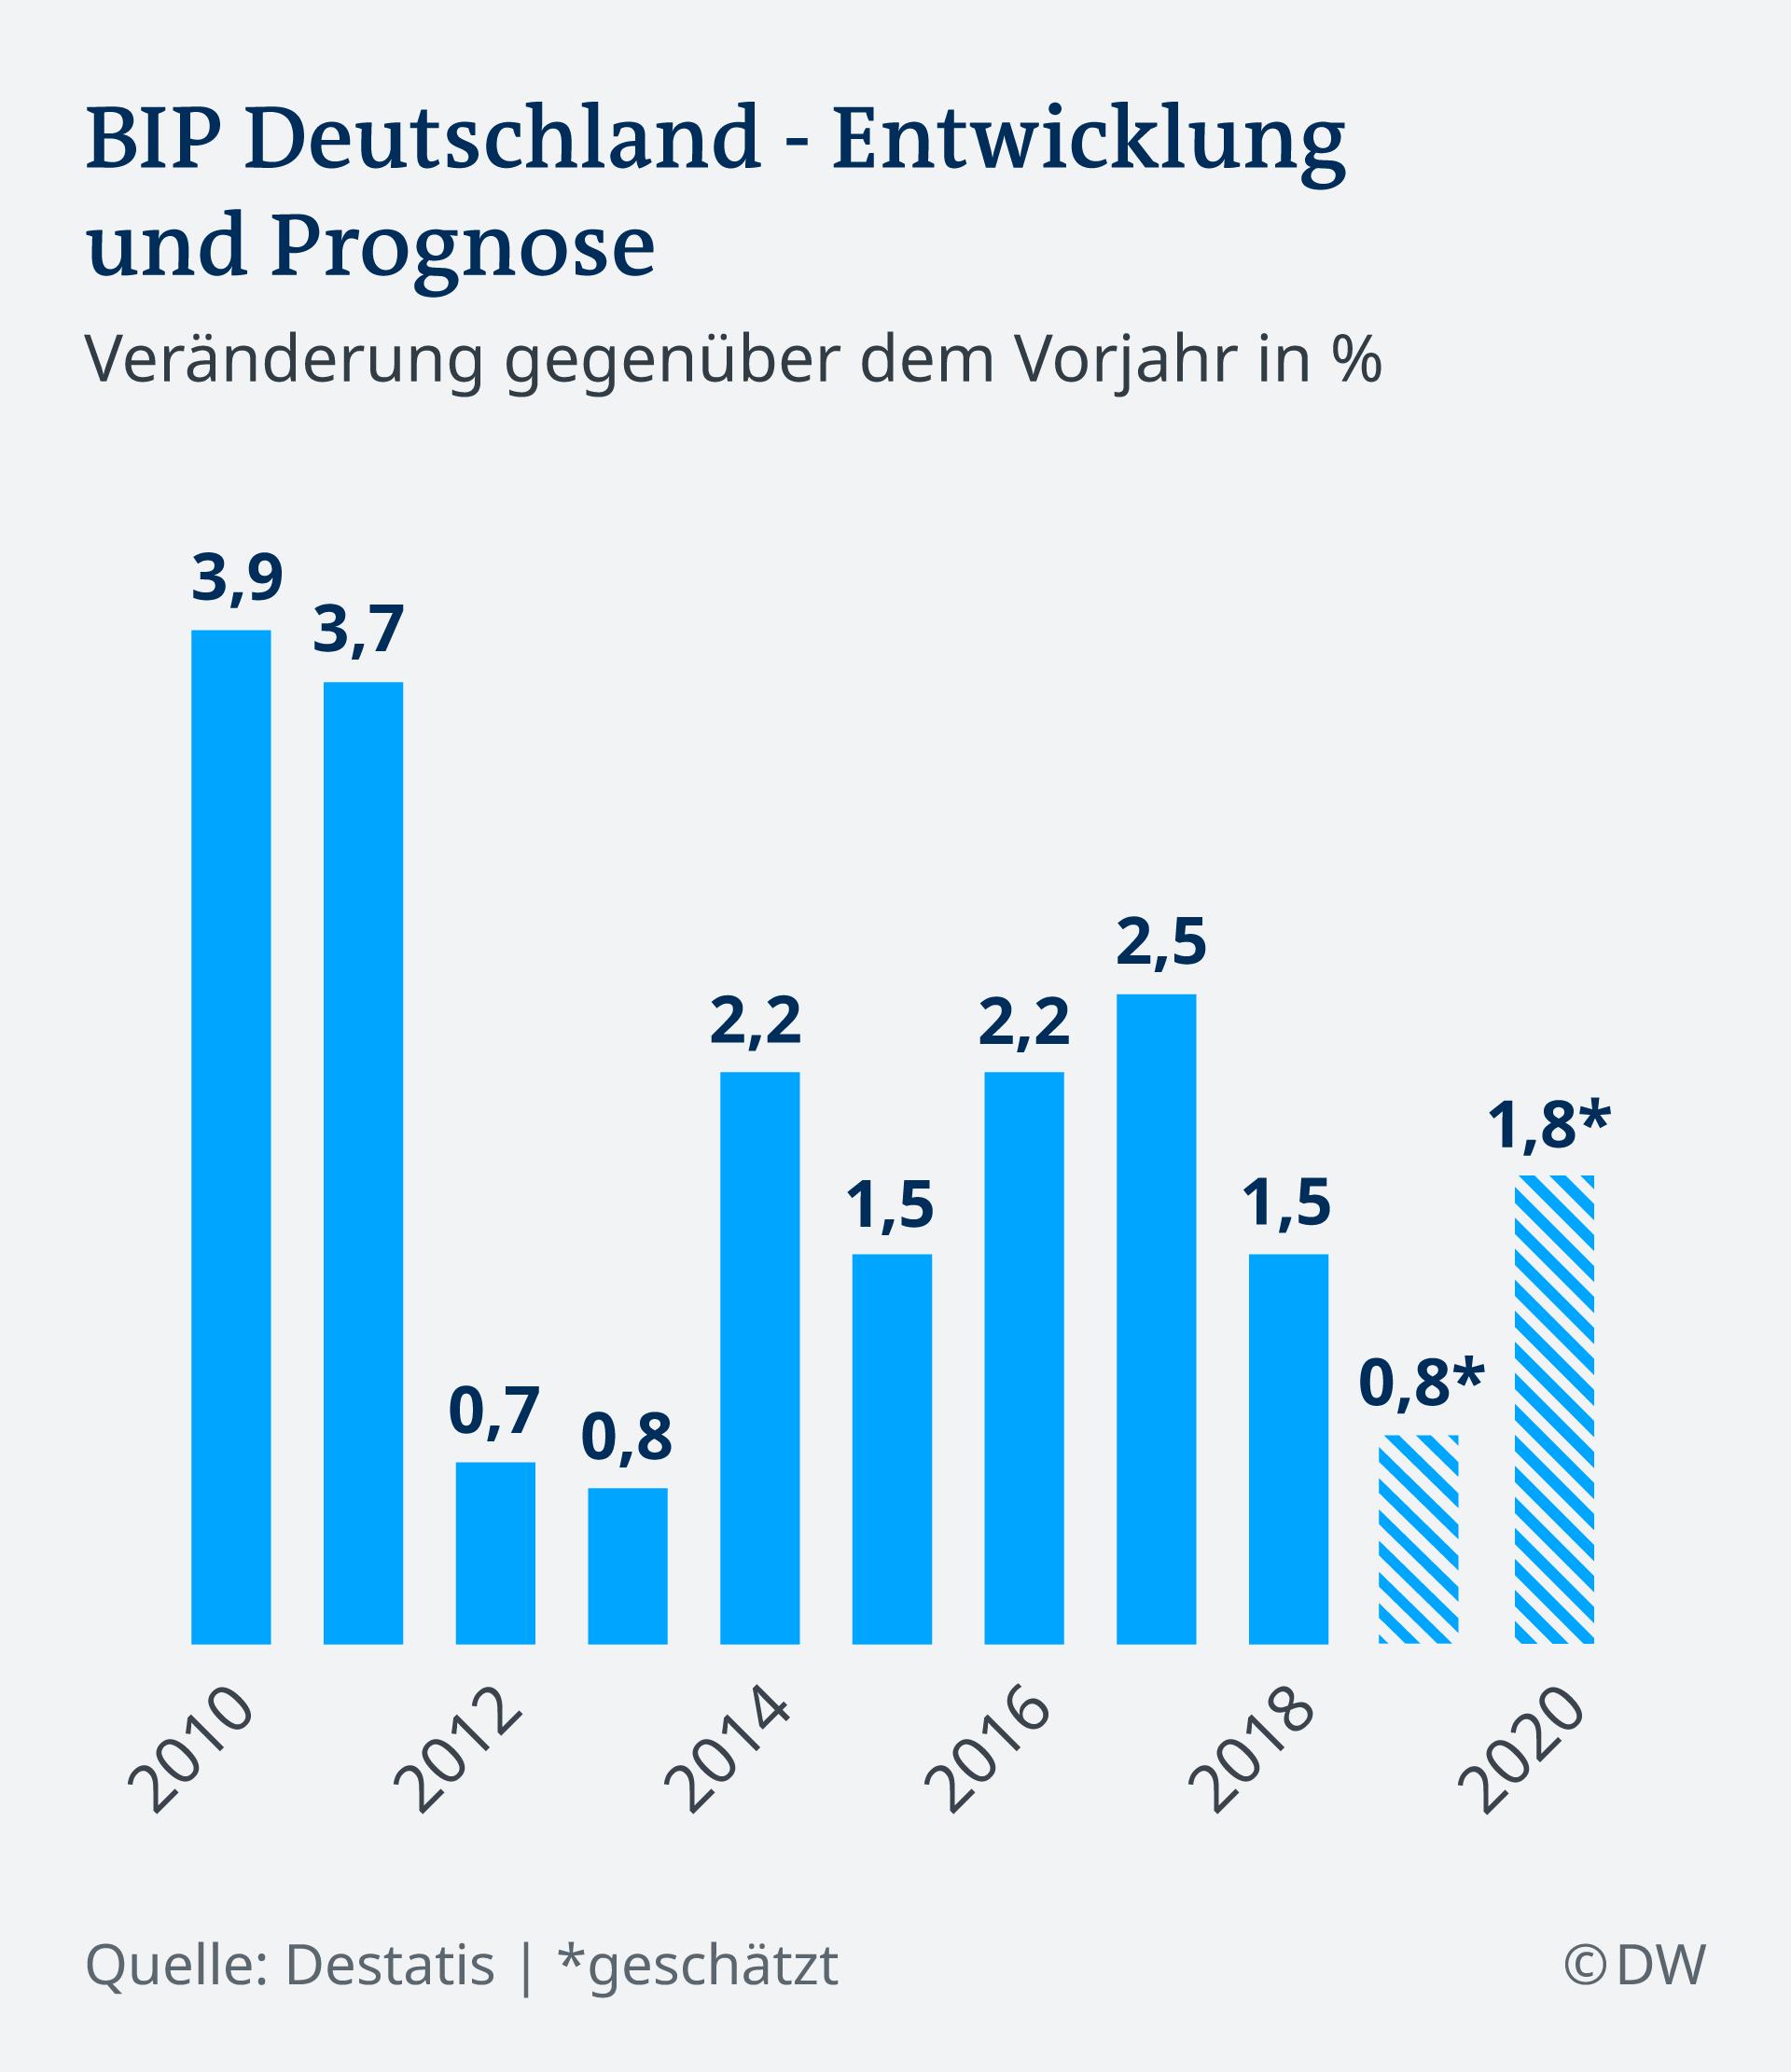 Infografik BIP Deutschland - Entwicklung und Prognose 2010 - 2020 DE